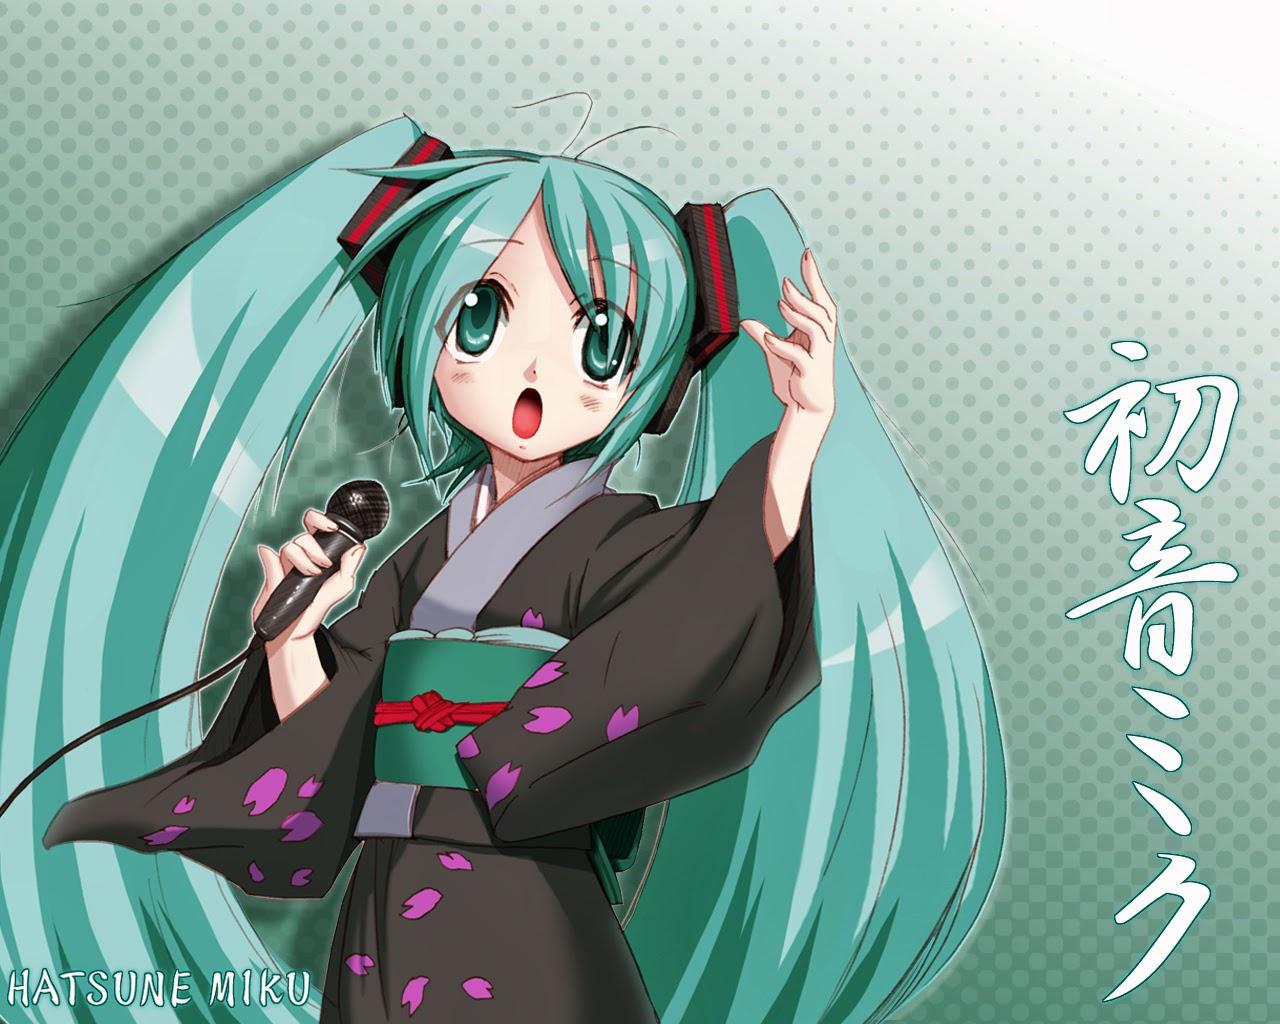 Hatsune Miku - Vocaloid HD Wallpaper